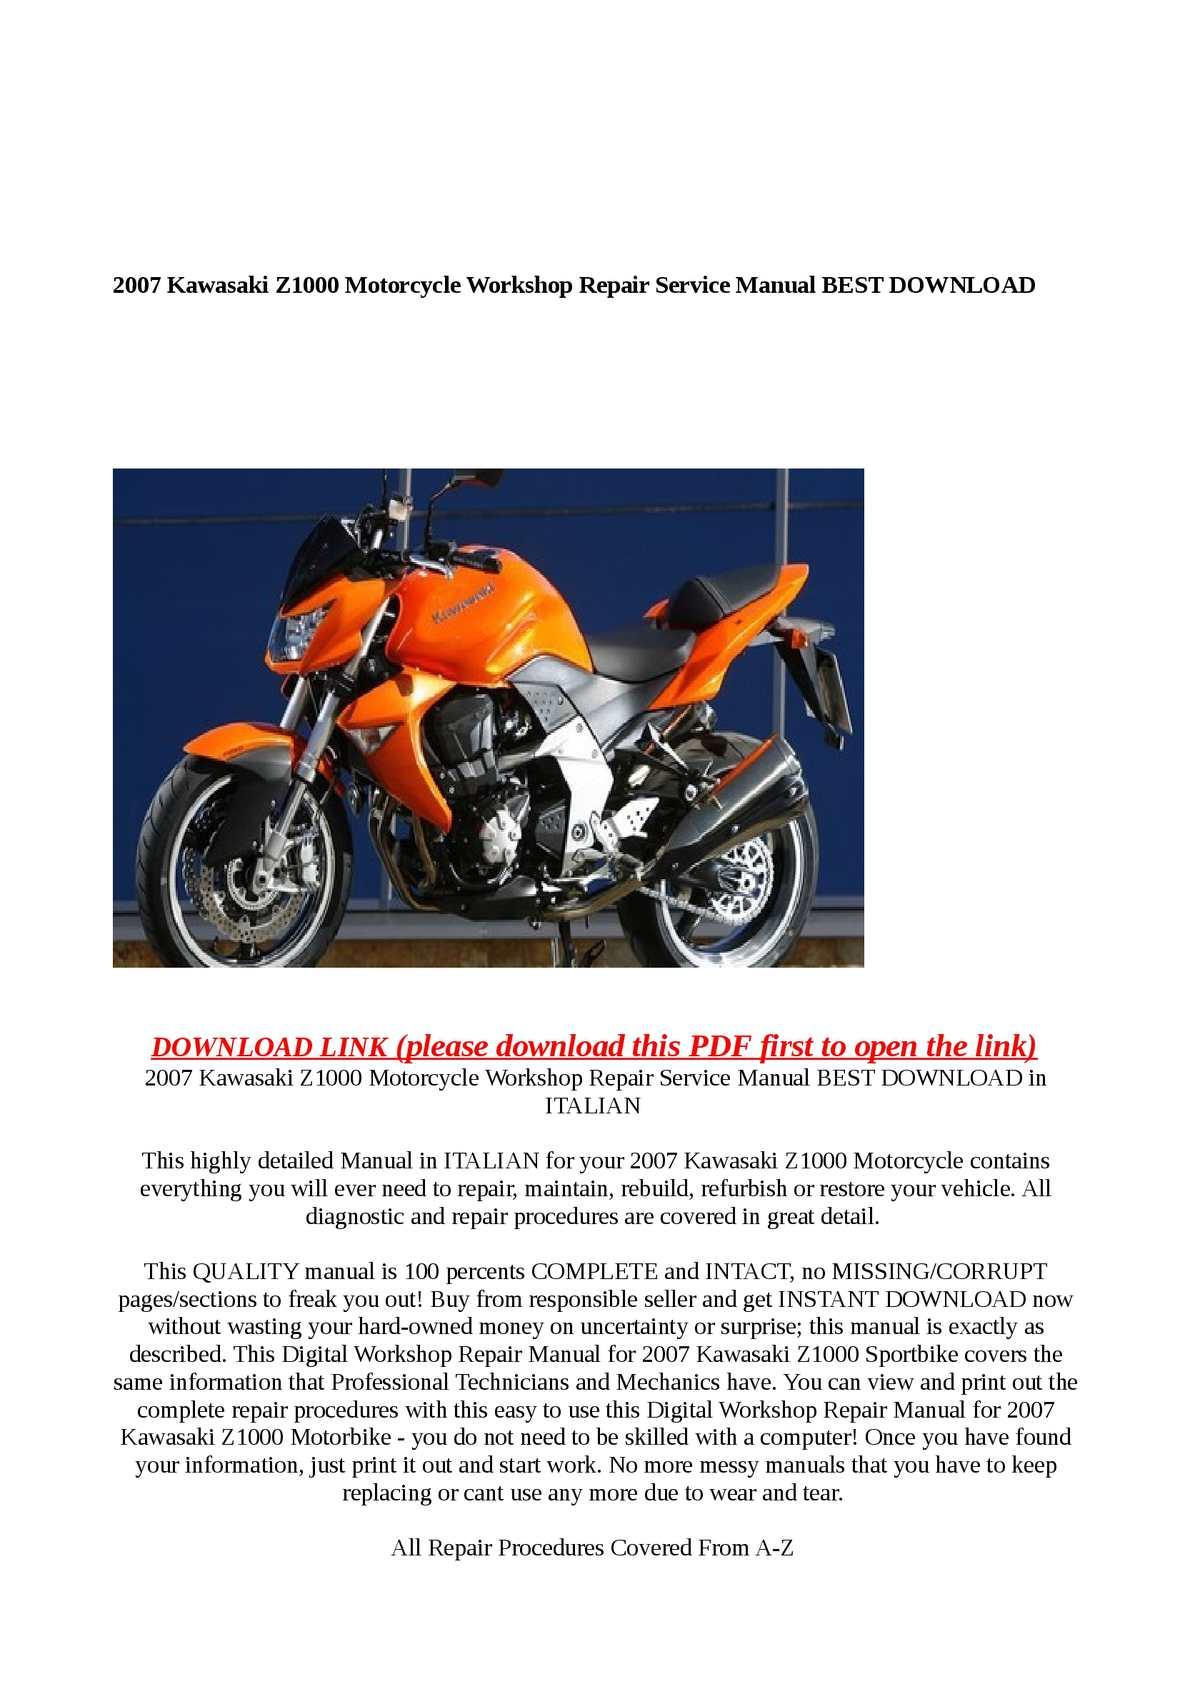 Calamo 2007 Kawasaki Z1000 Motorcycle Workshop Repair Servi Wiring Diagram